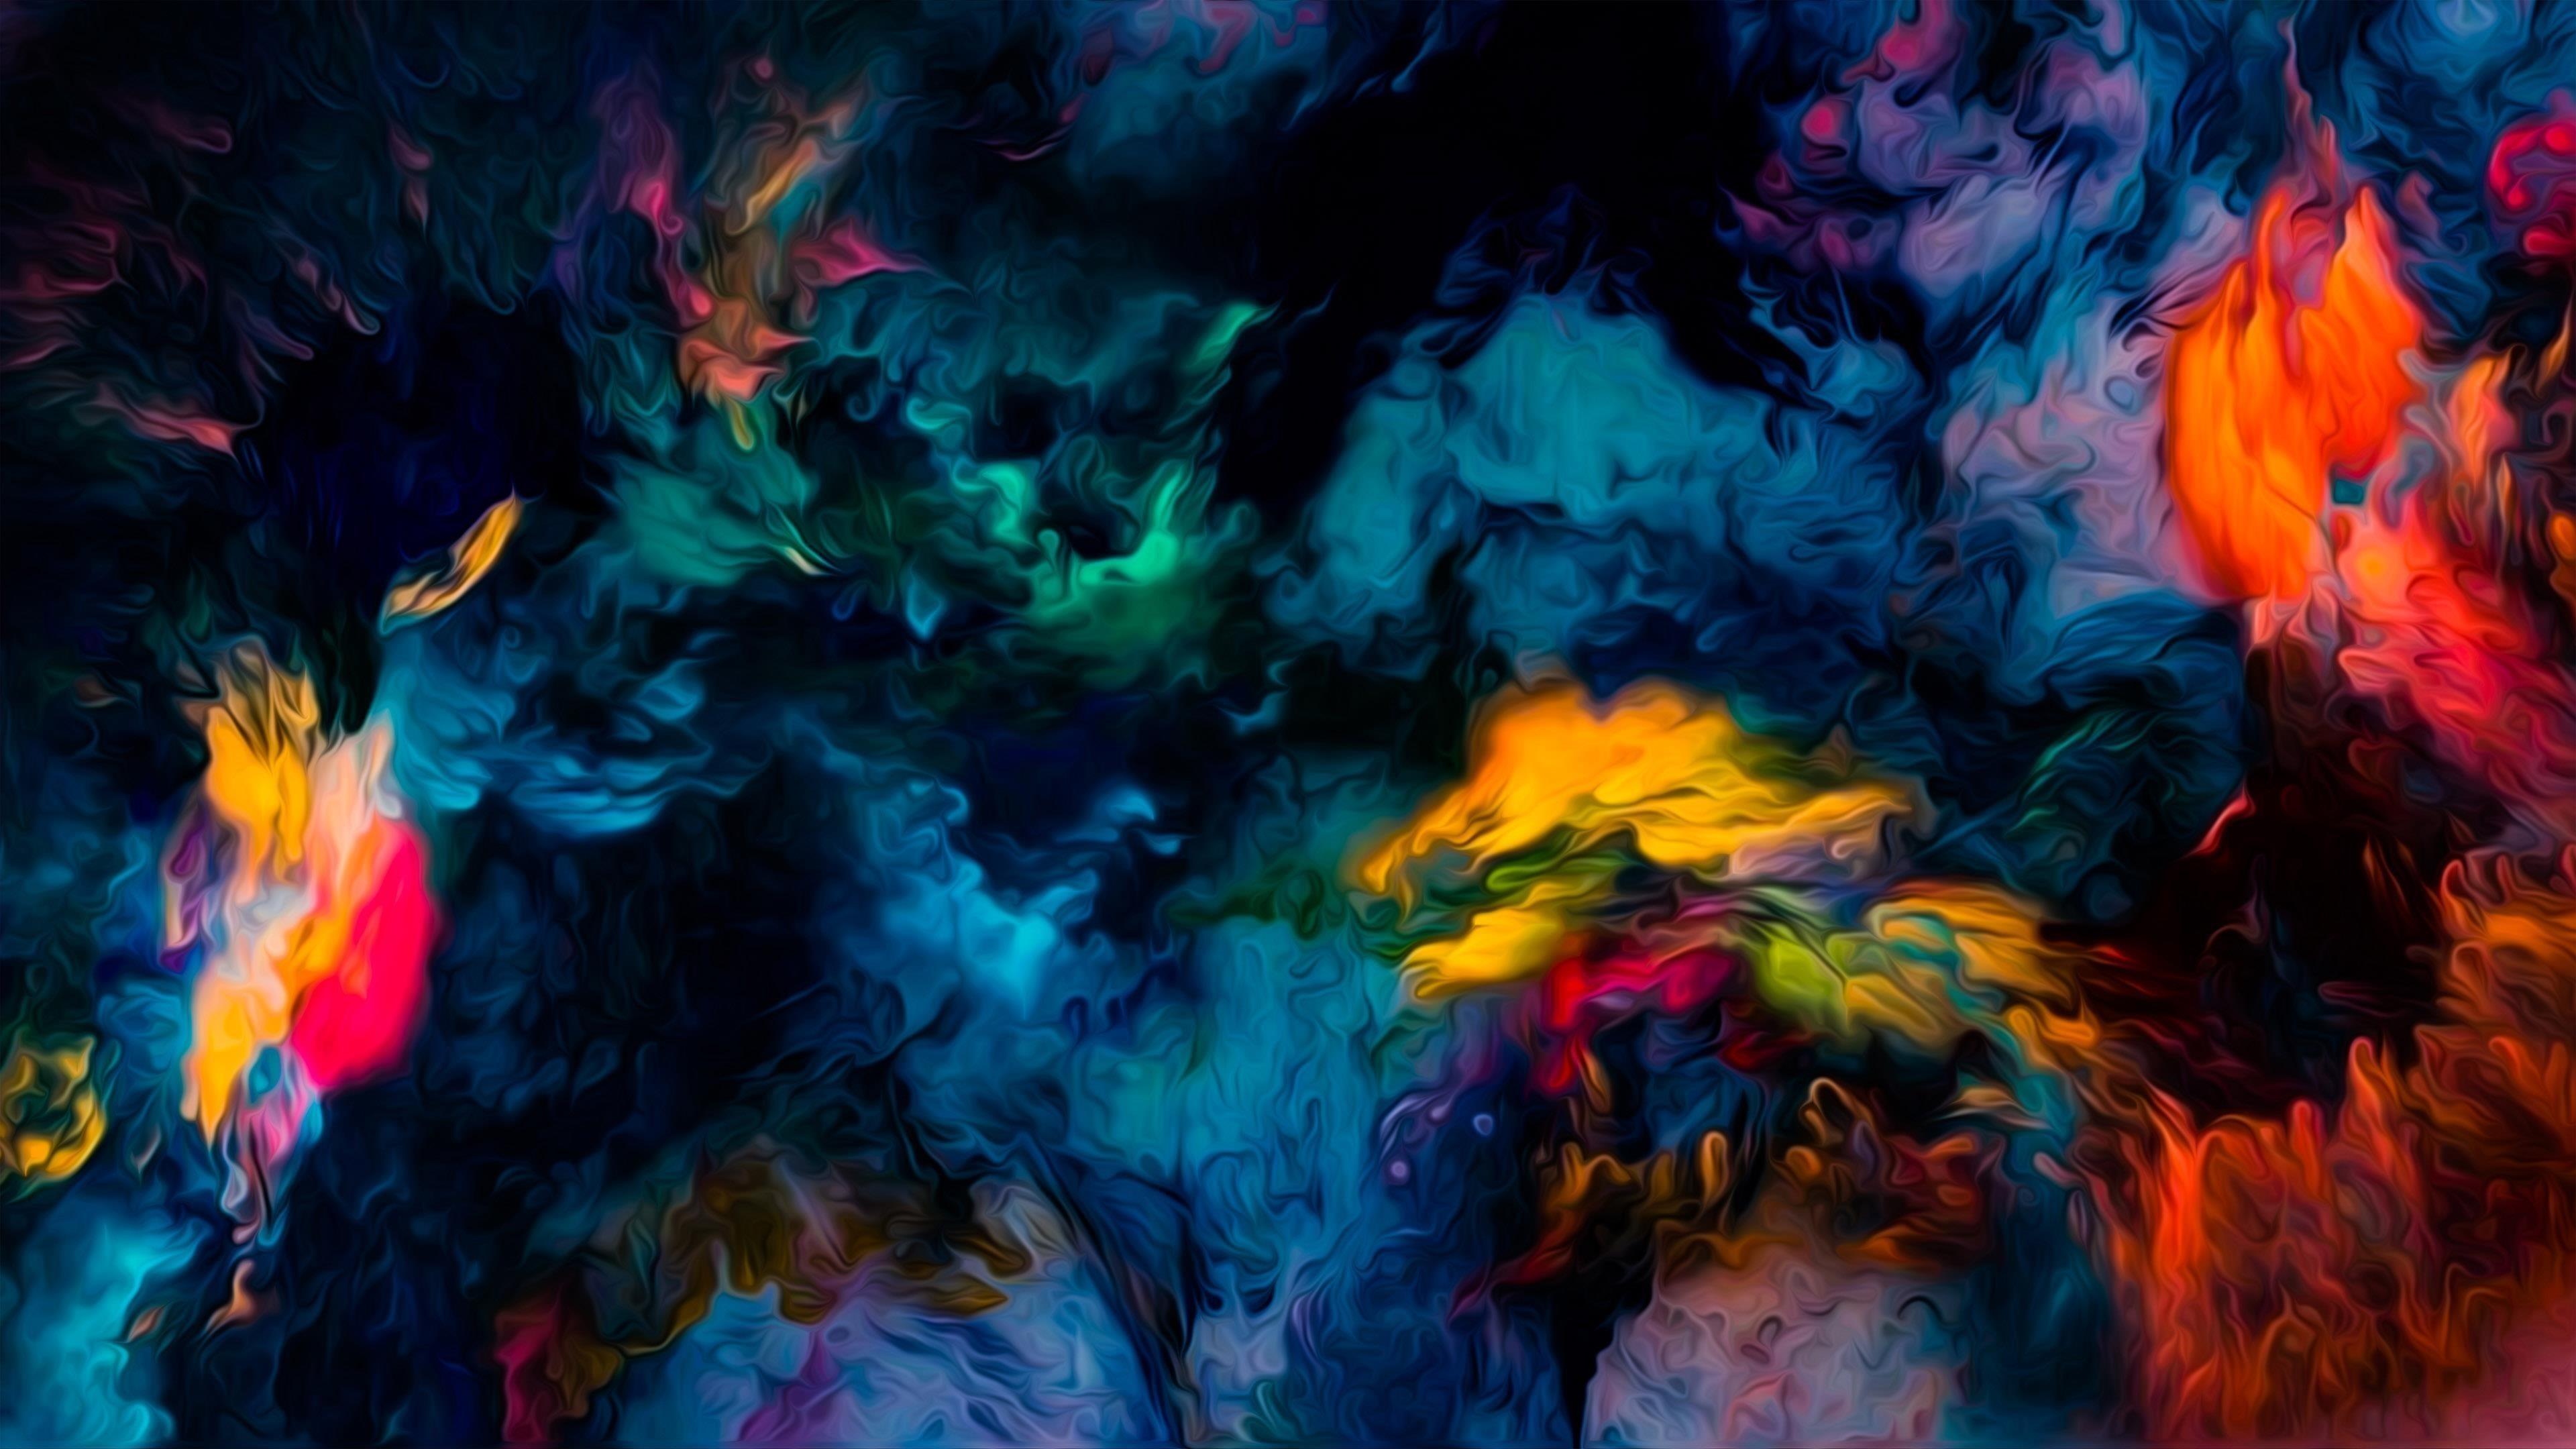 Полированные цвета волна абстракция обои скачать